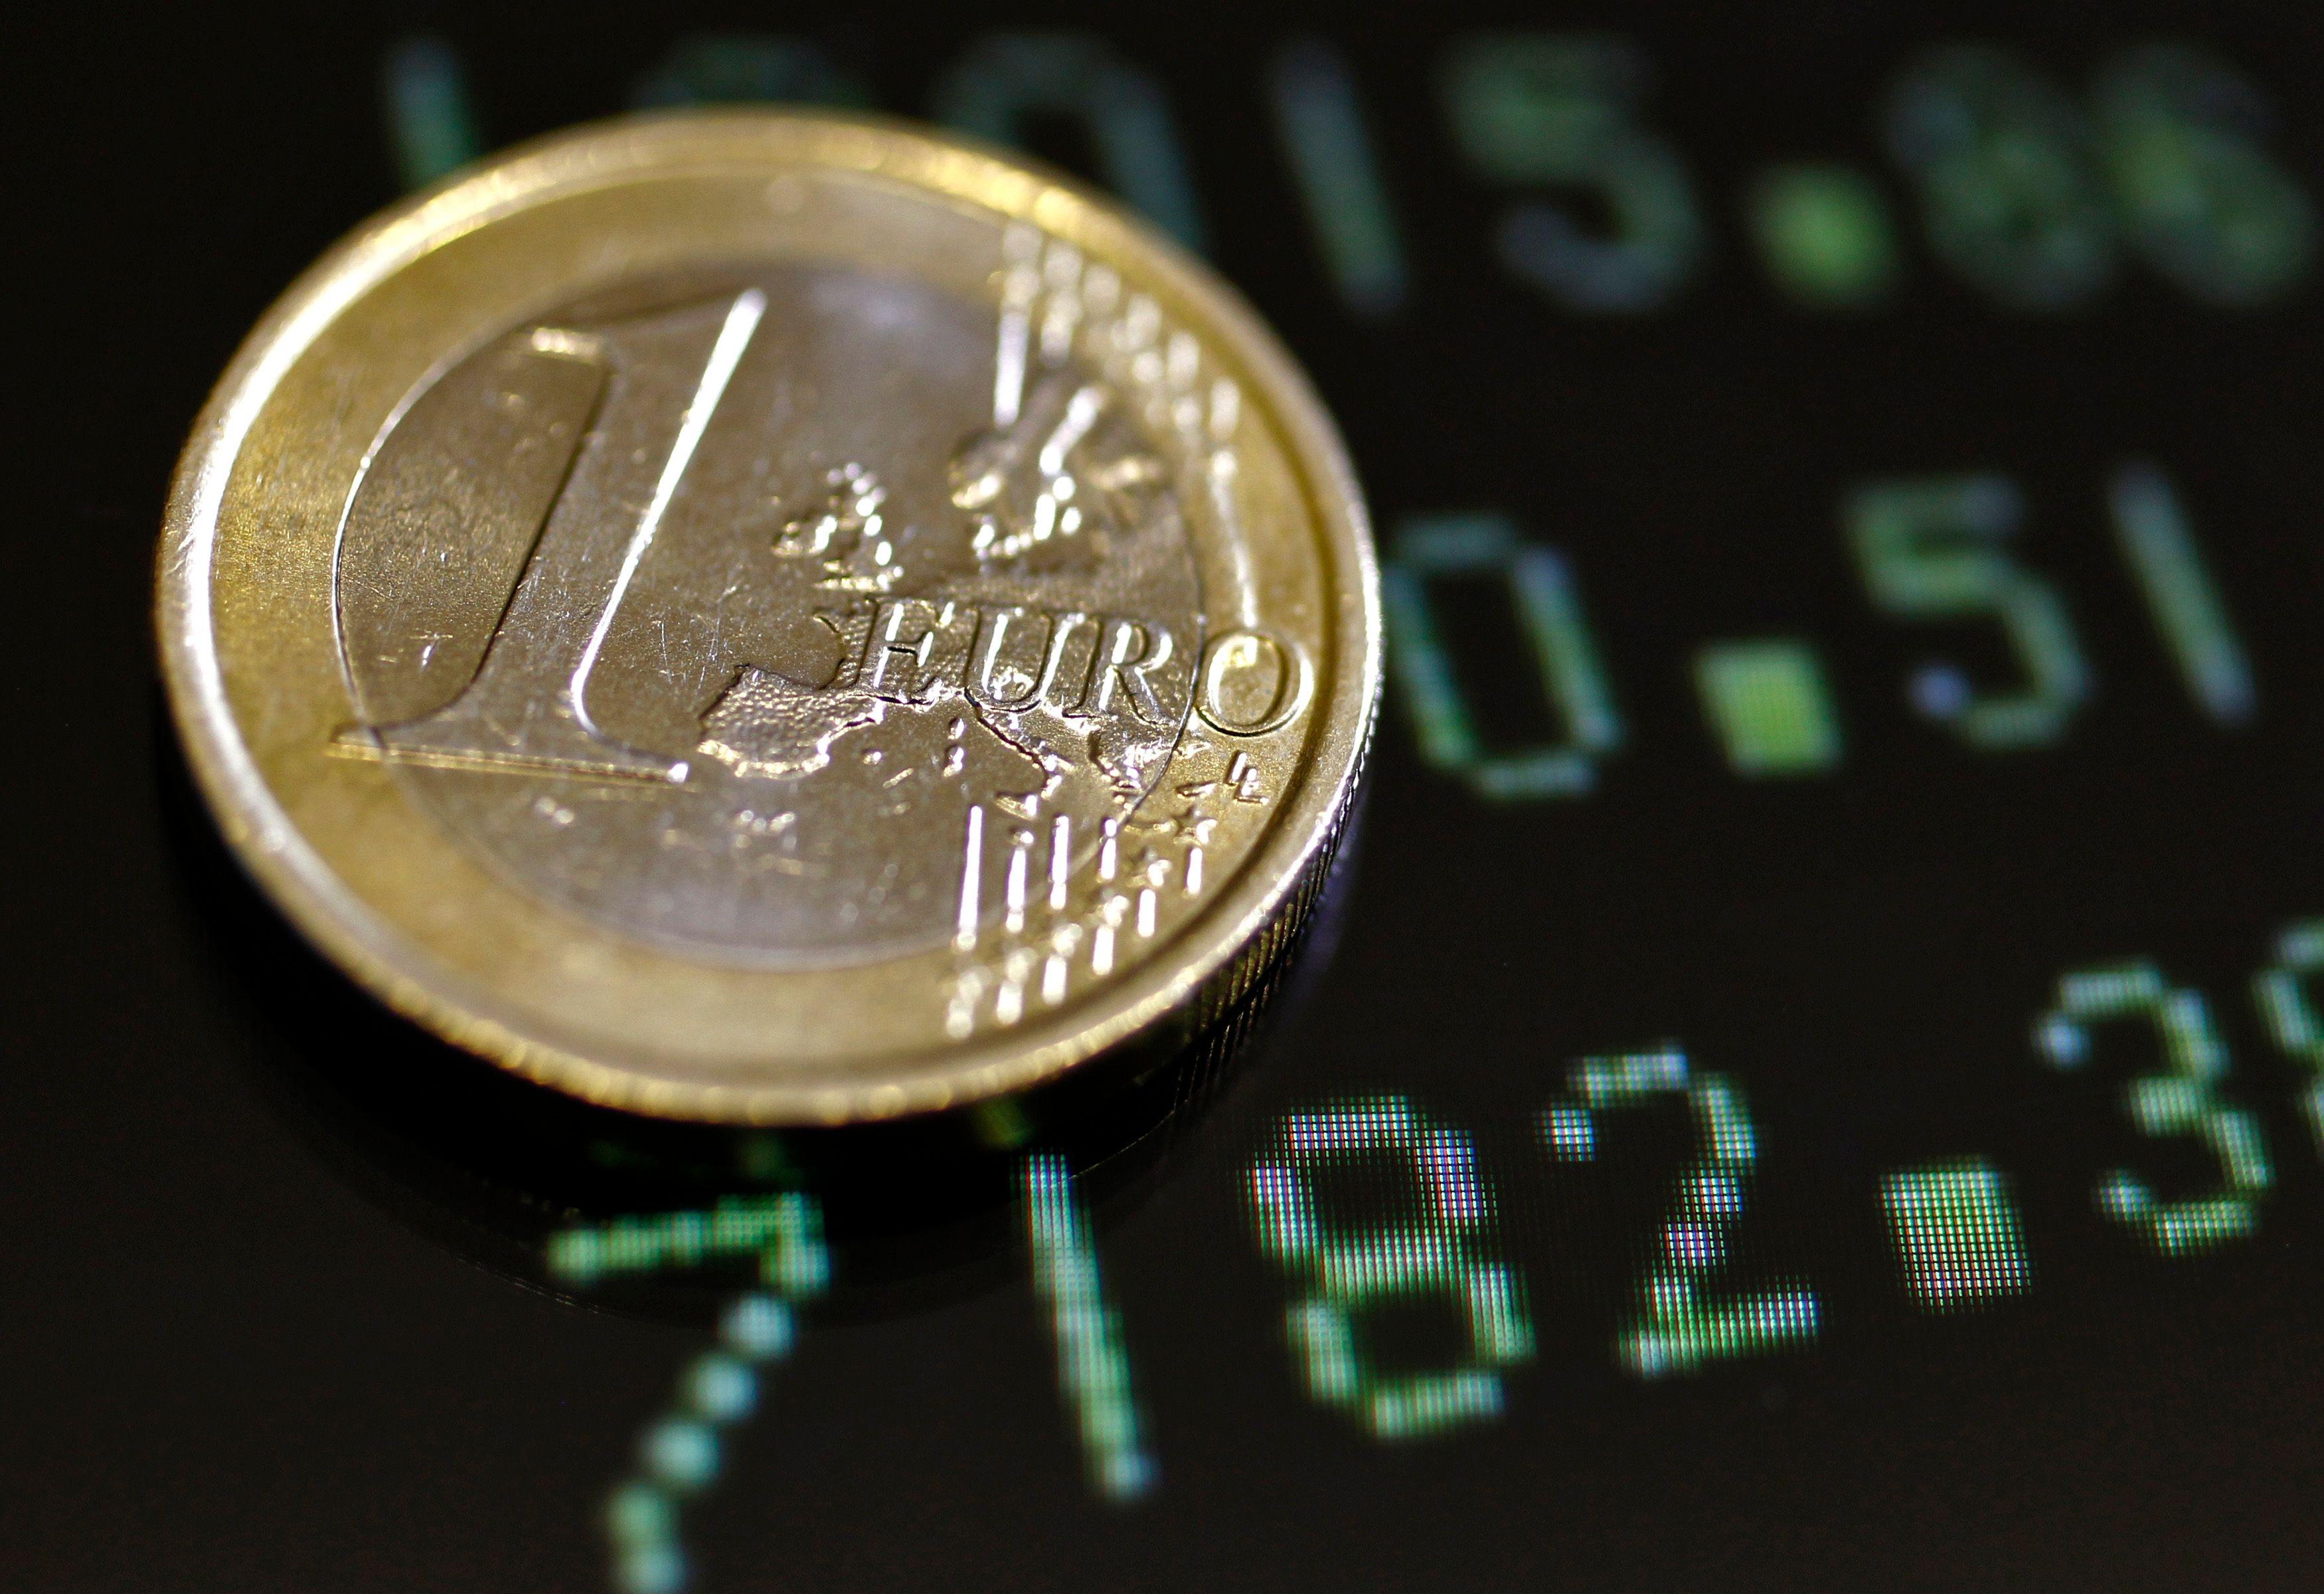 Dérapage du déficit : entre croissance plus faible que prévue et stratégies d'évitement de l'impôt, à quoi sont dues les 3,5 milliards d'euros de recettes fiscales manquantes ?